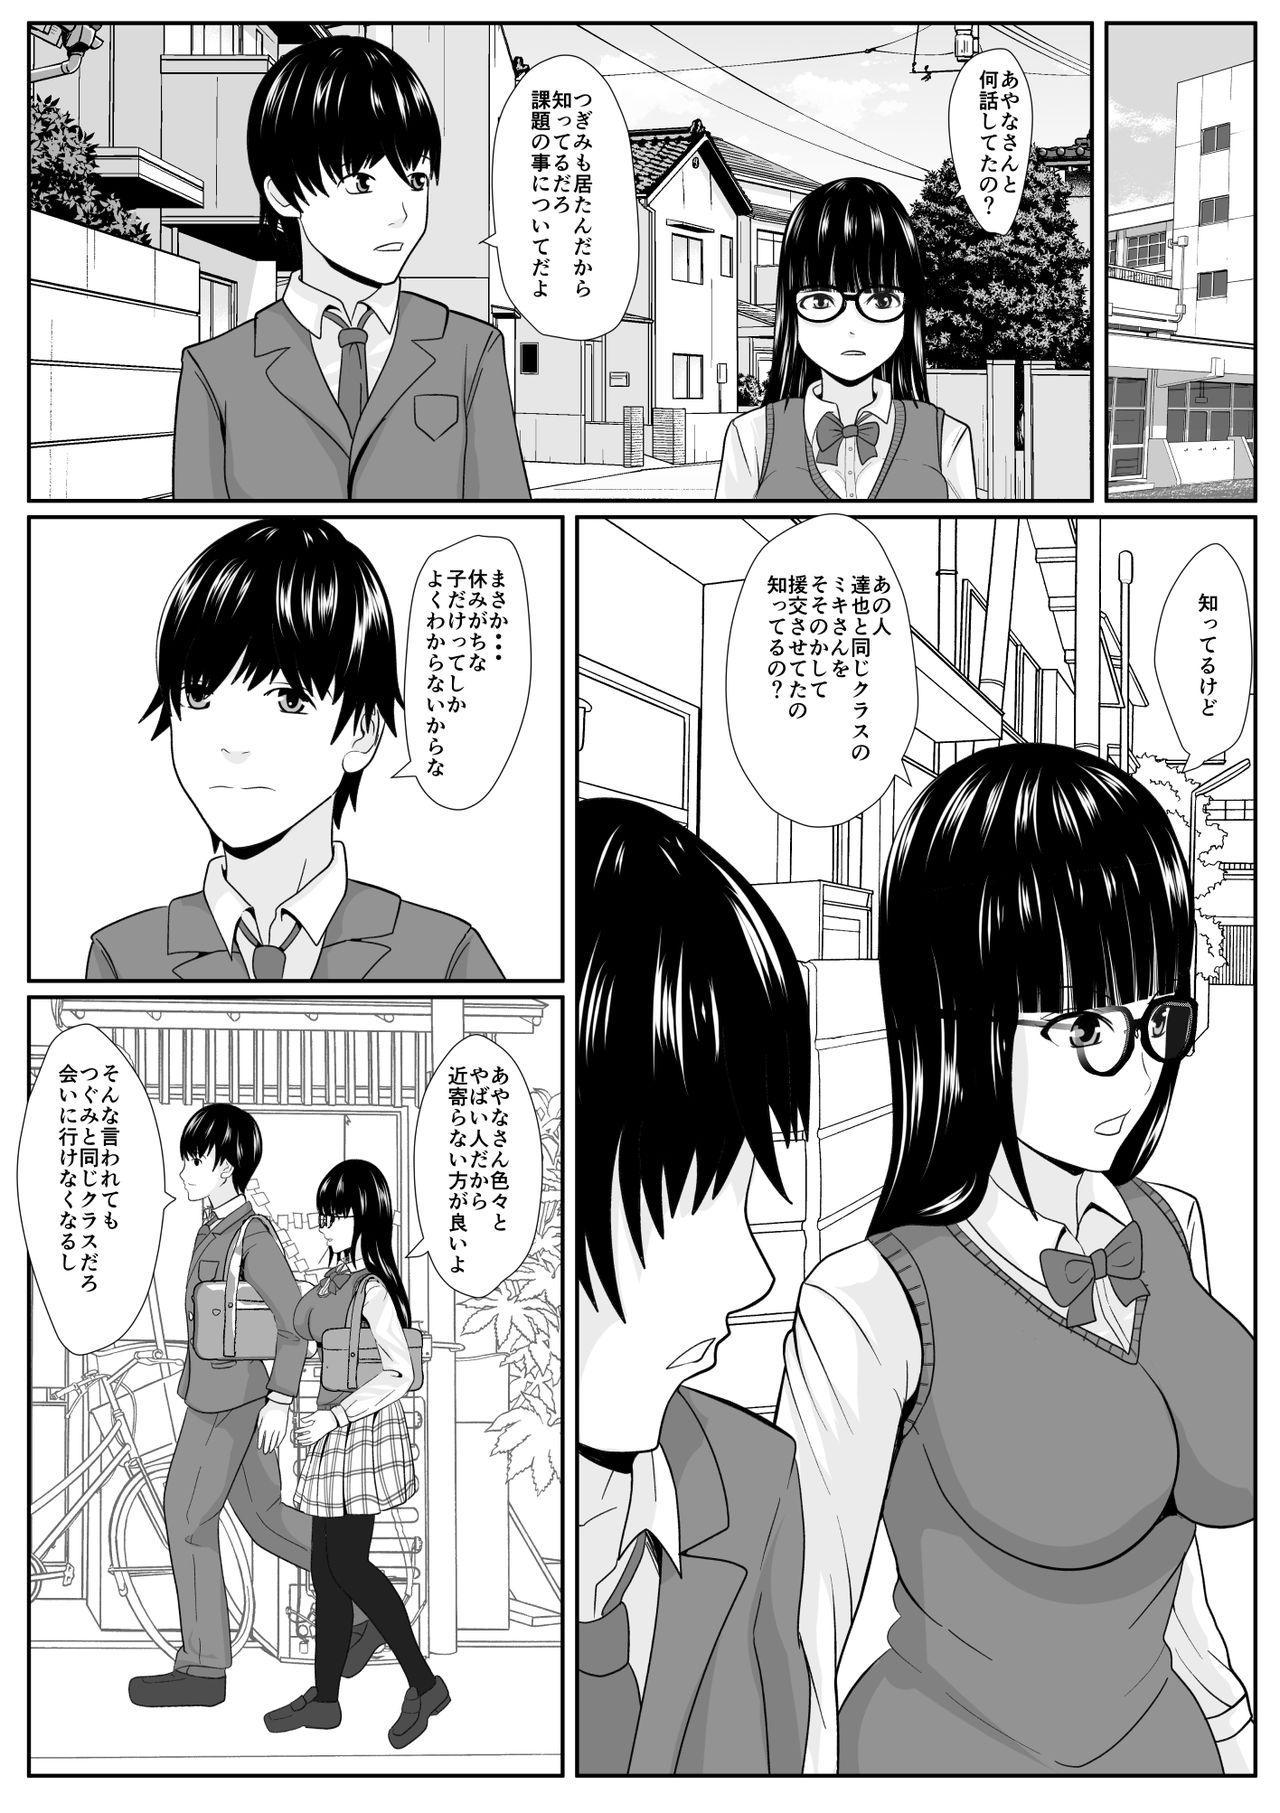 Sakasama 6